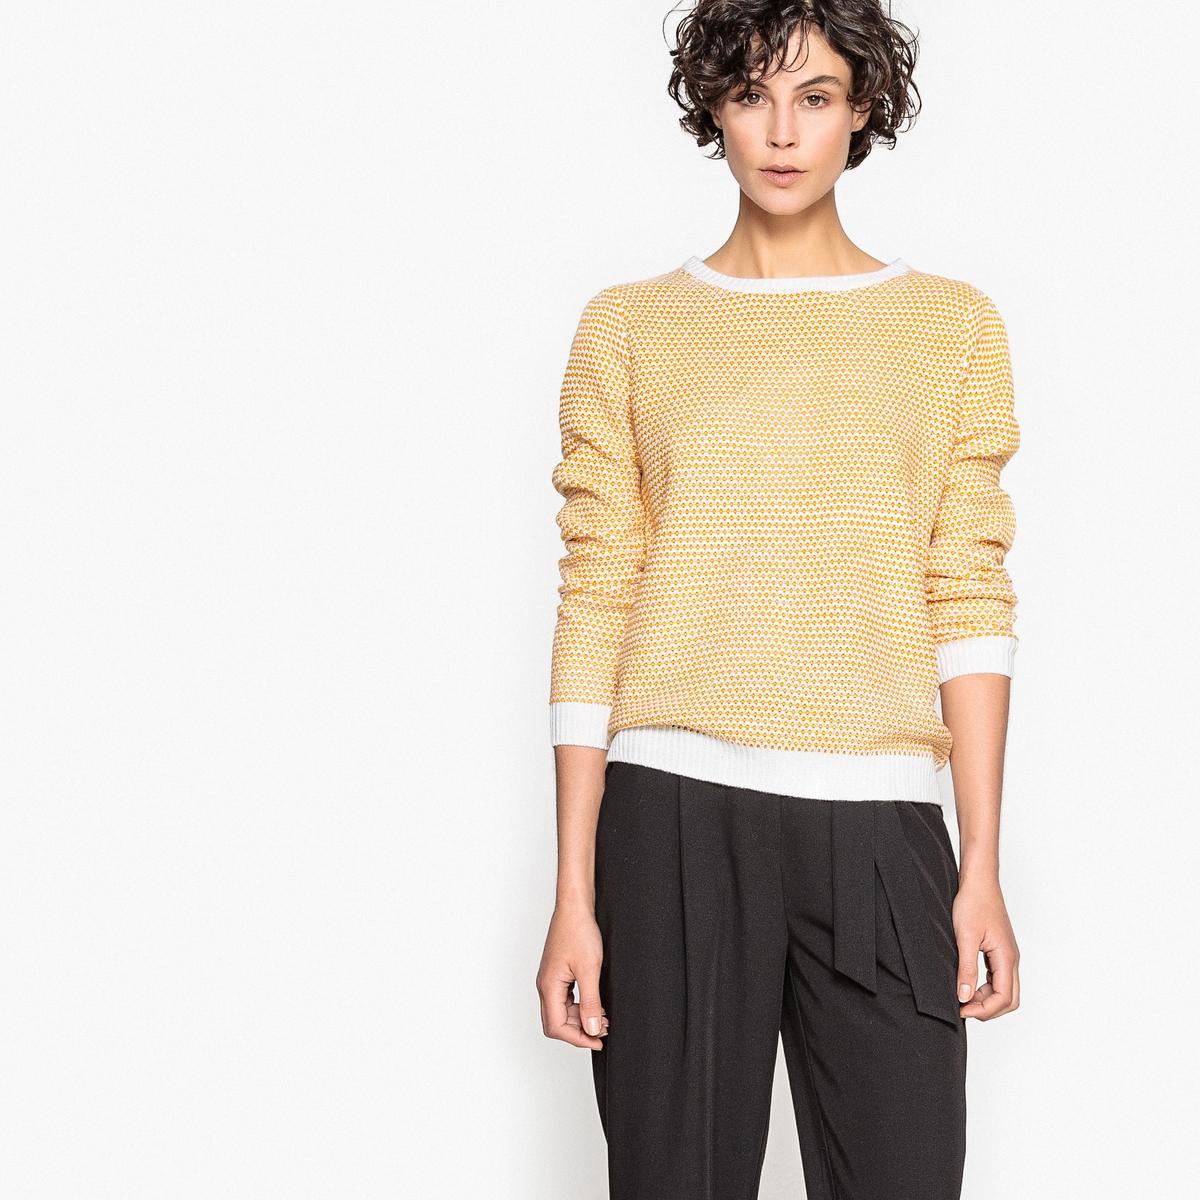 Пуловер из трикотажа с бантиком сзади